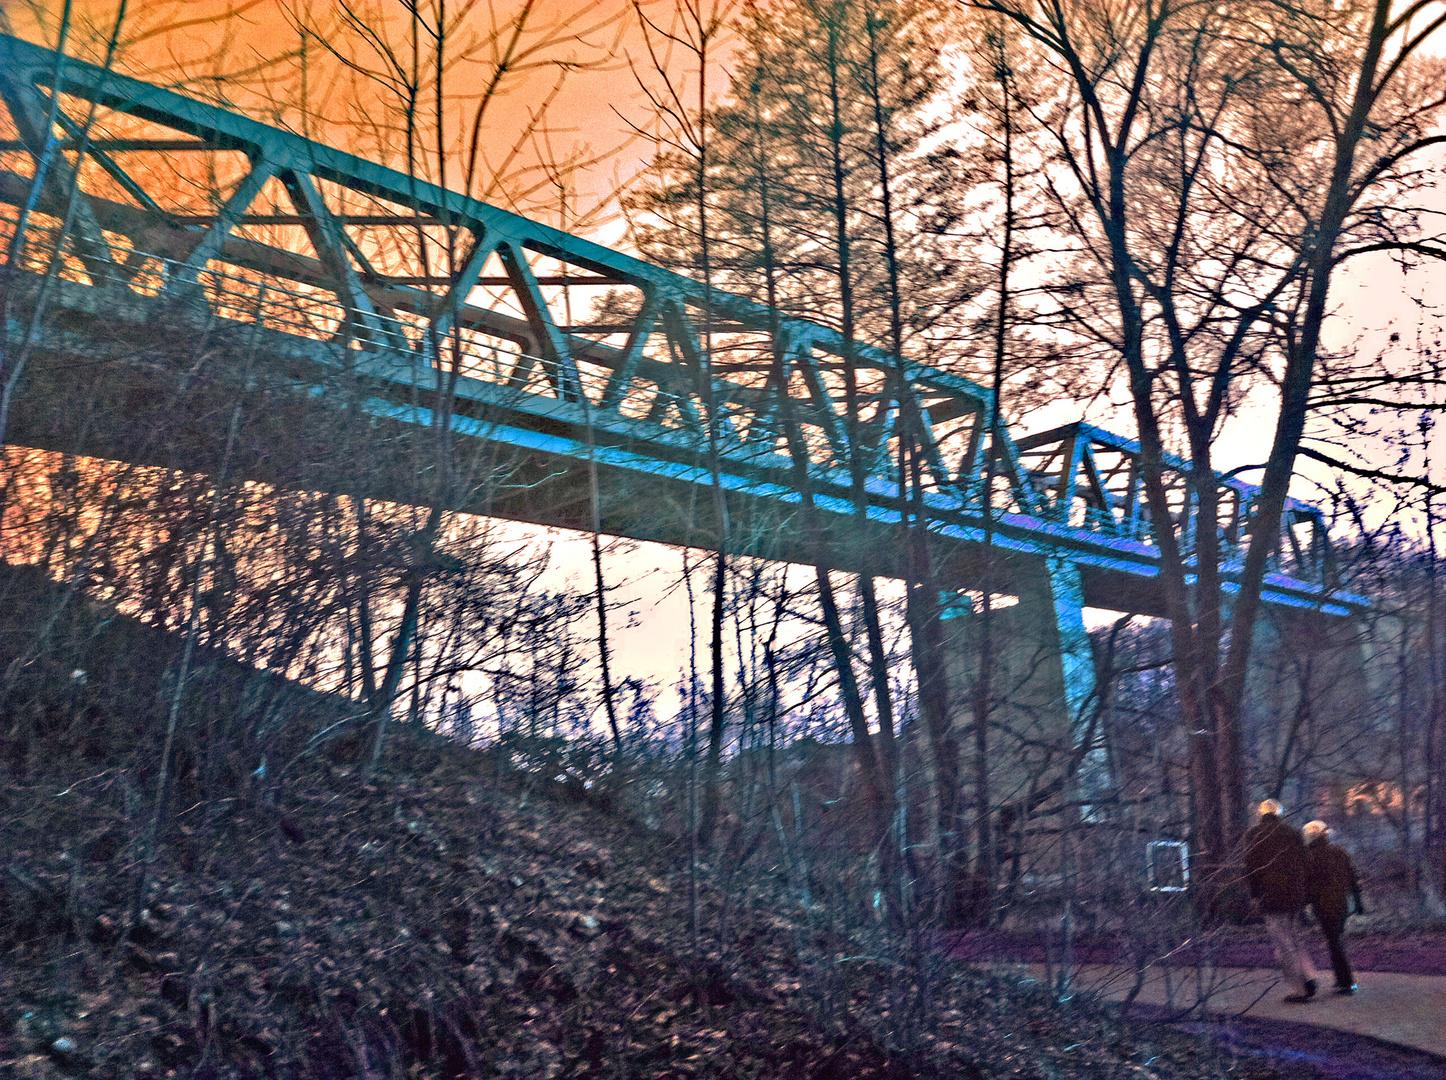 Blauvariante einer Eisenbahnbrücke